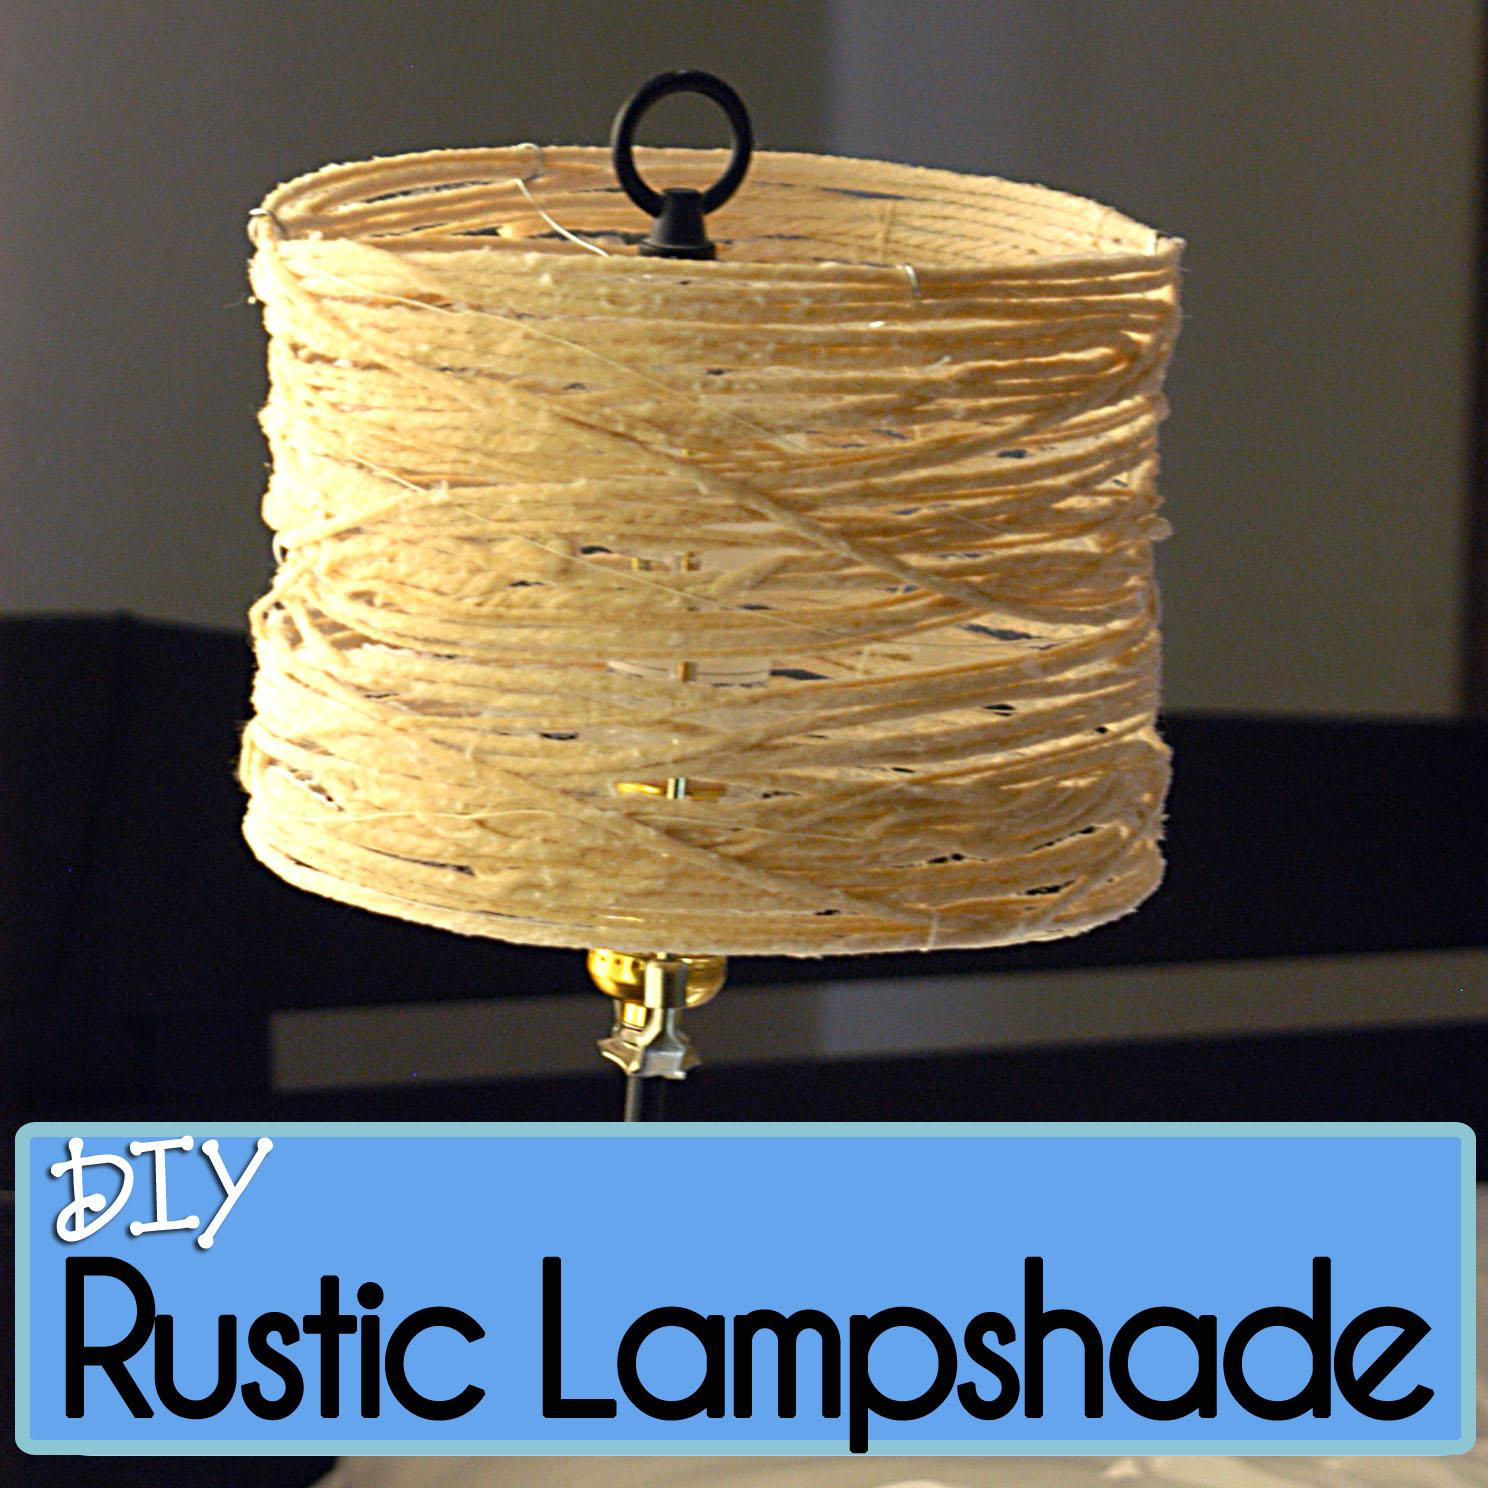 DIY Rustic Lampshade made of Yarn